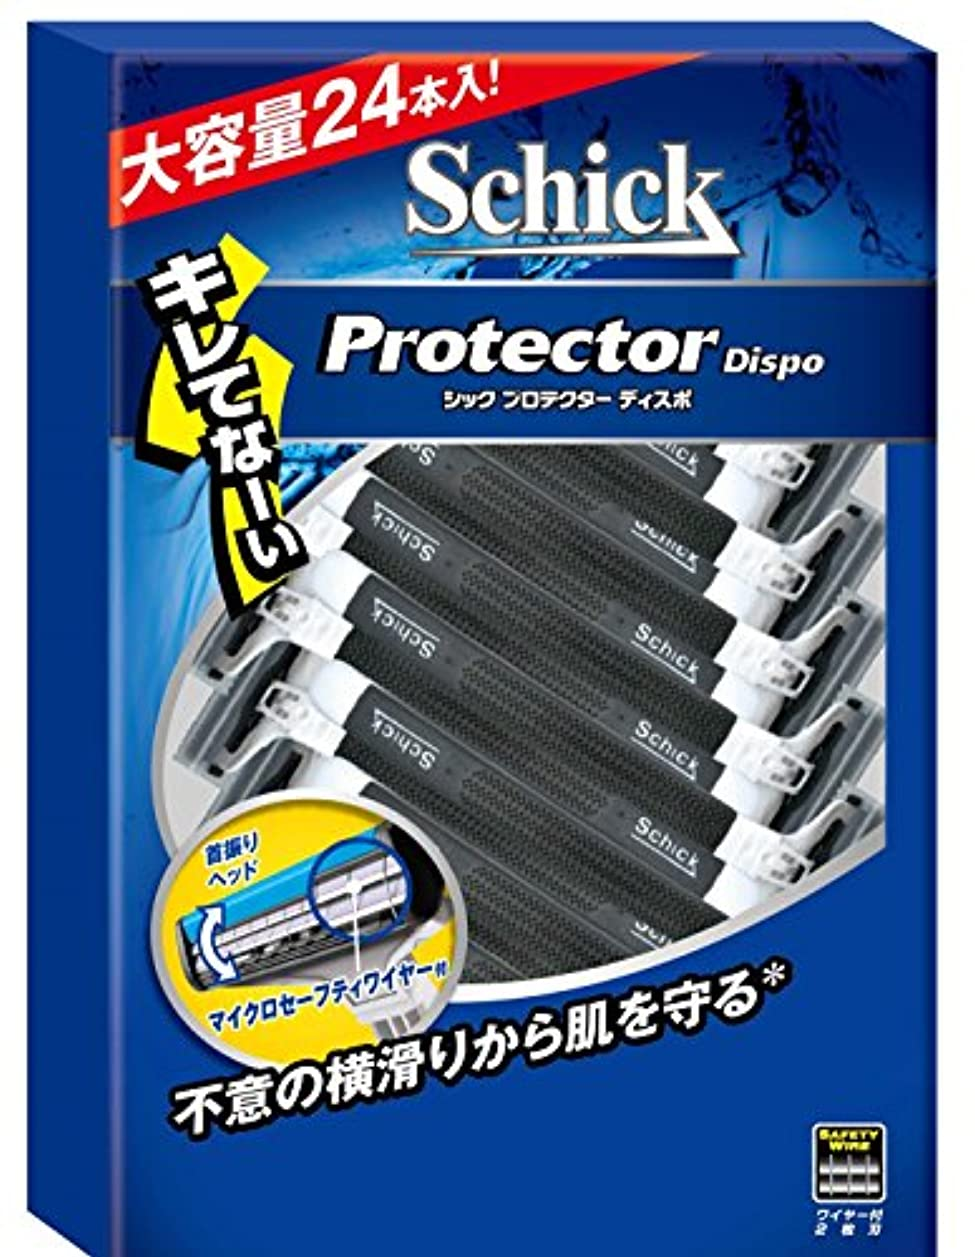 クッション被る後世大容量 シック schick プロテクターディスポ 使い捨て 単品 24本入